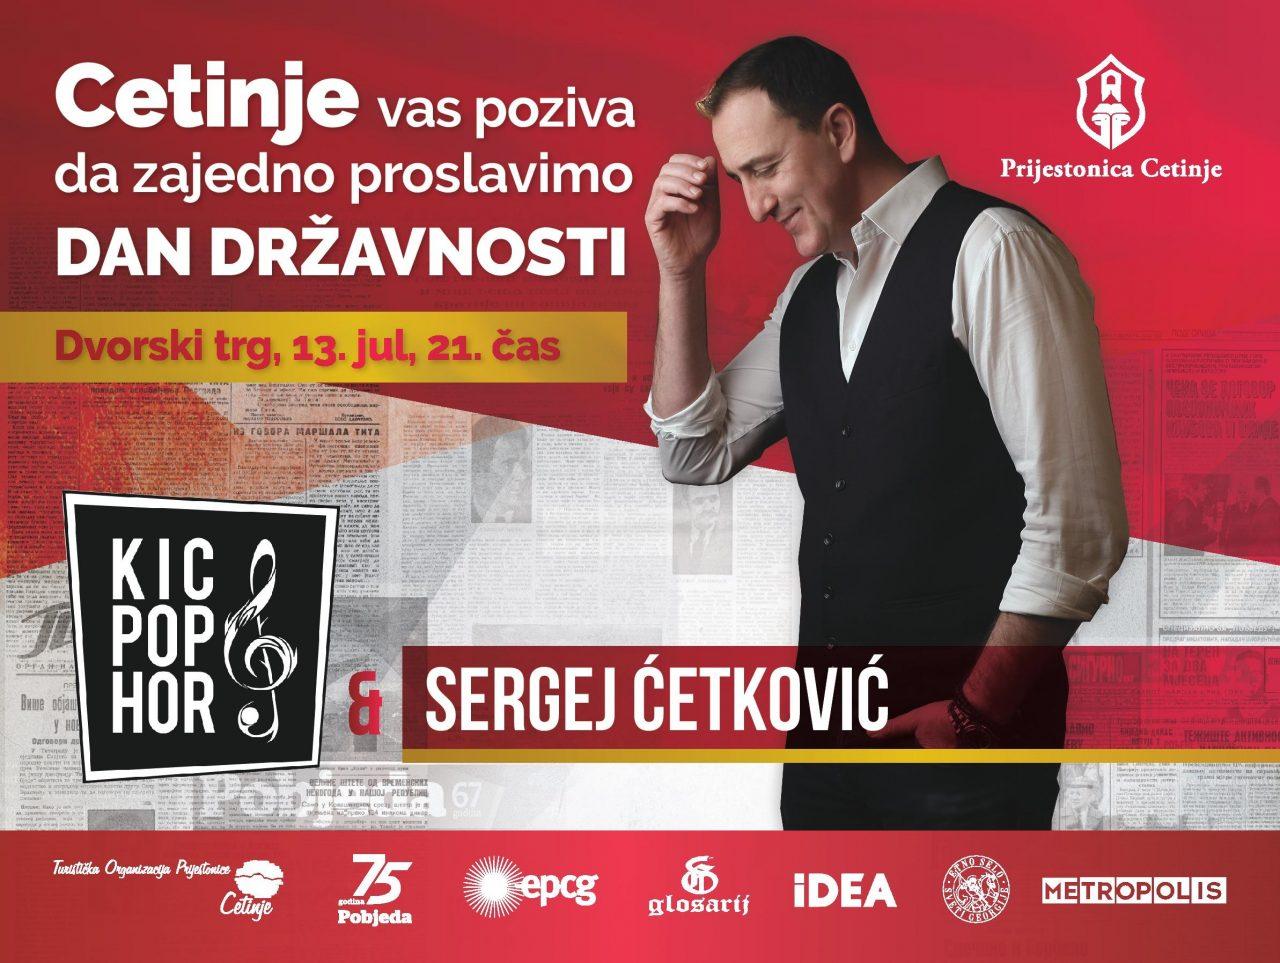 Sergej Ćetković i KIC Pop Hor za Dan državnosti na Cetinju!